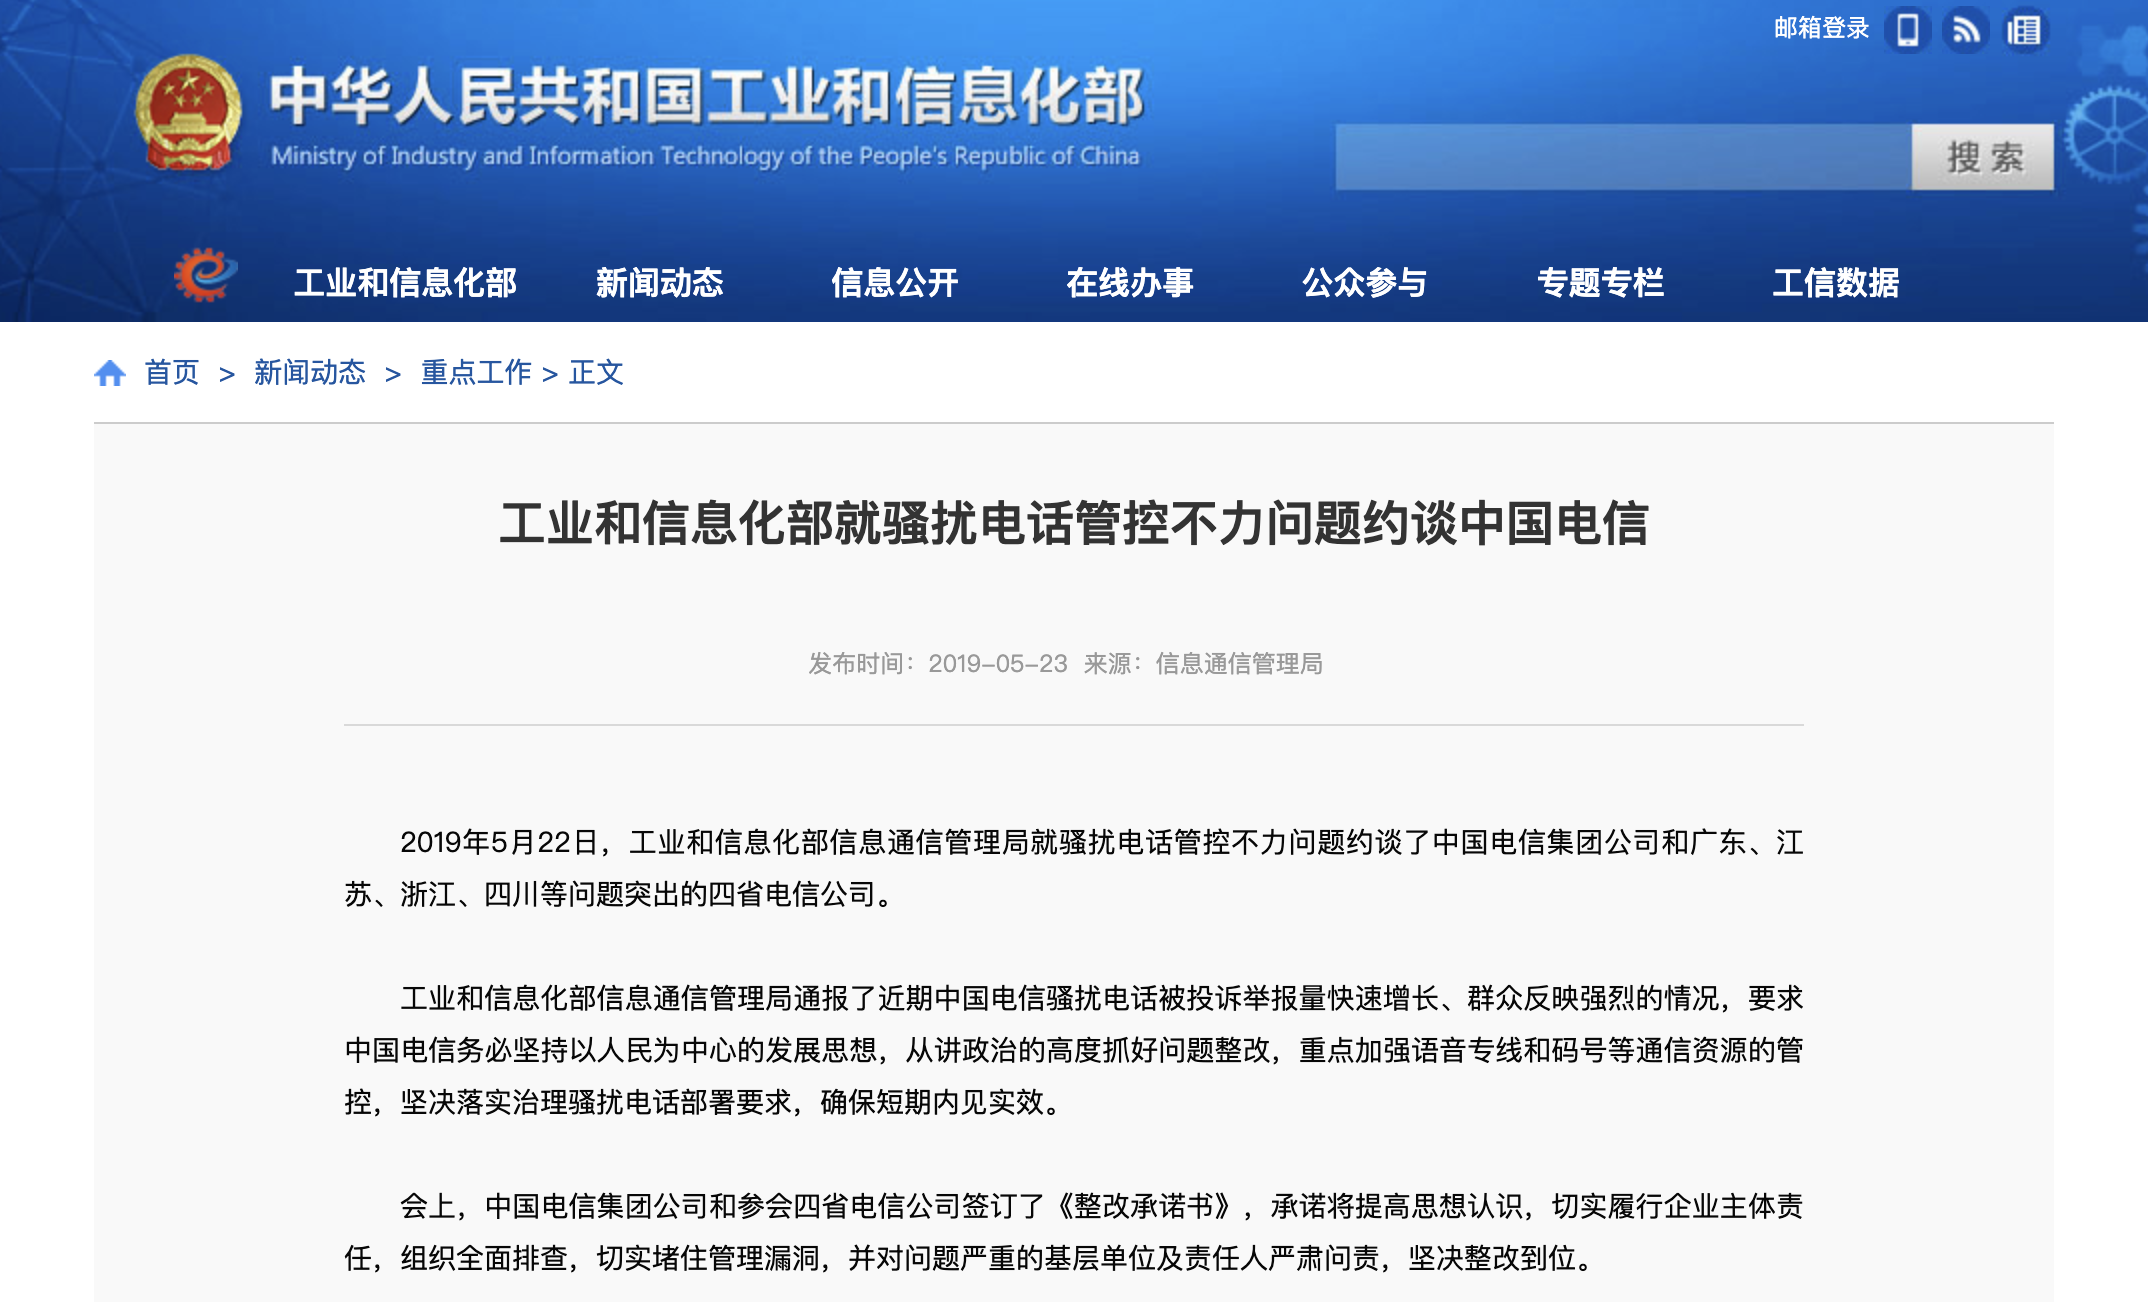 骚扰电话何时休,中国电信被工信部约谈-互联网之家